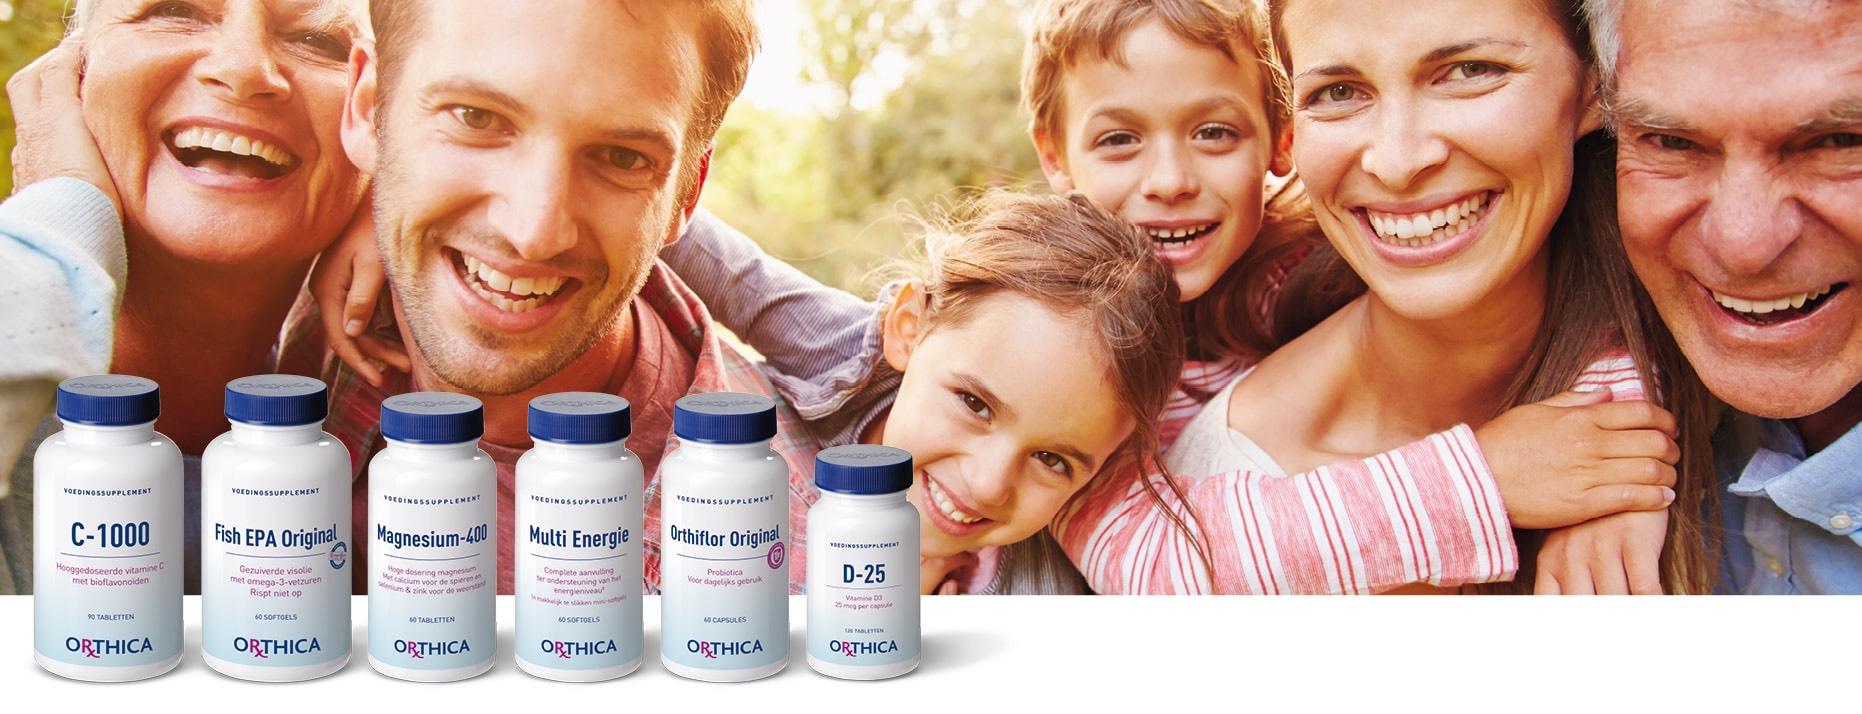 Orthica voedingssupplementen met 35% korting